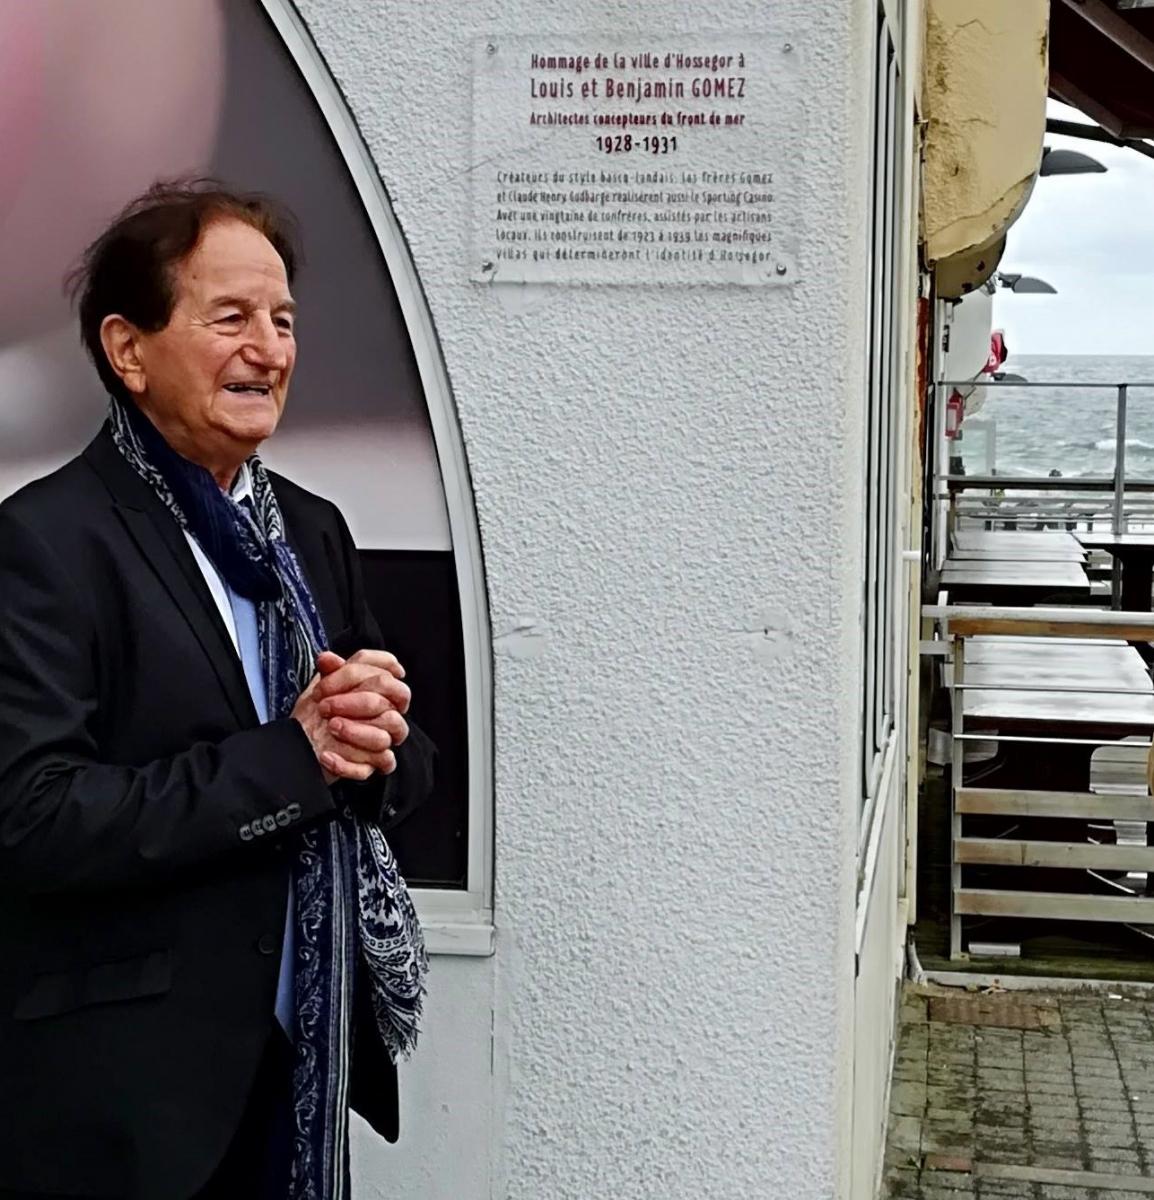 zEric Gildard inaugure la plaque en l'honneur des architectes bayonnais, les frères Gomez.jpg